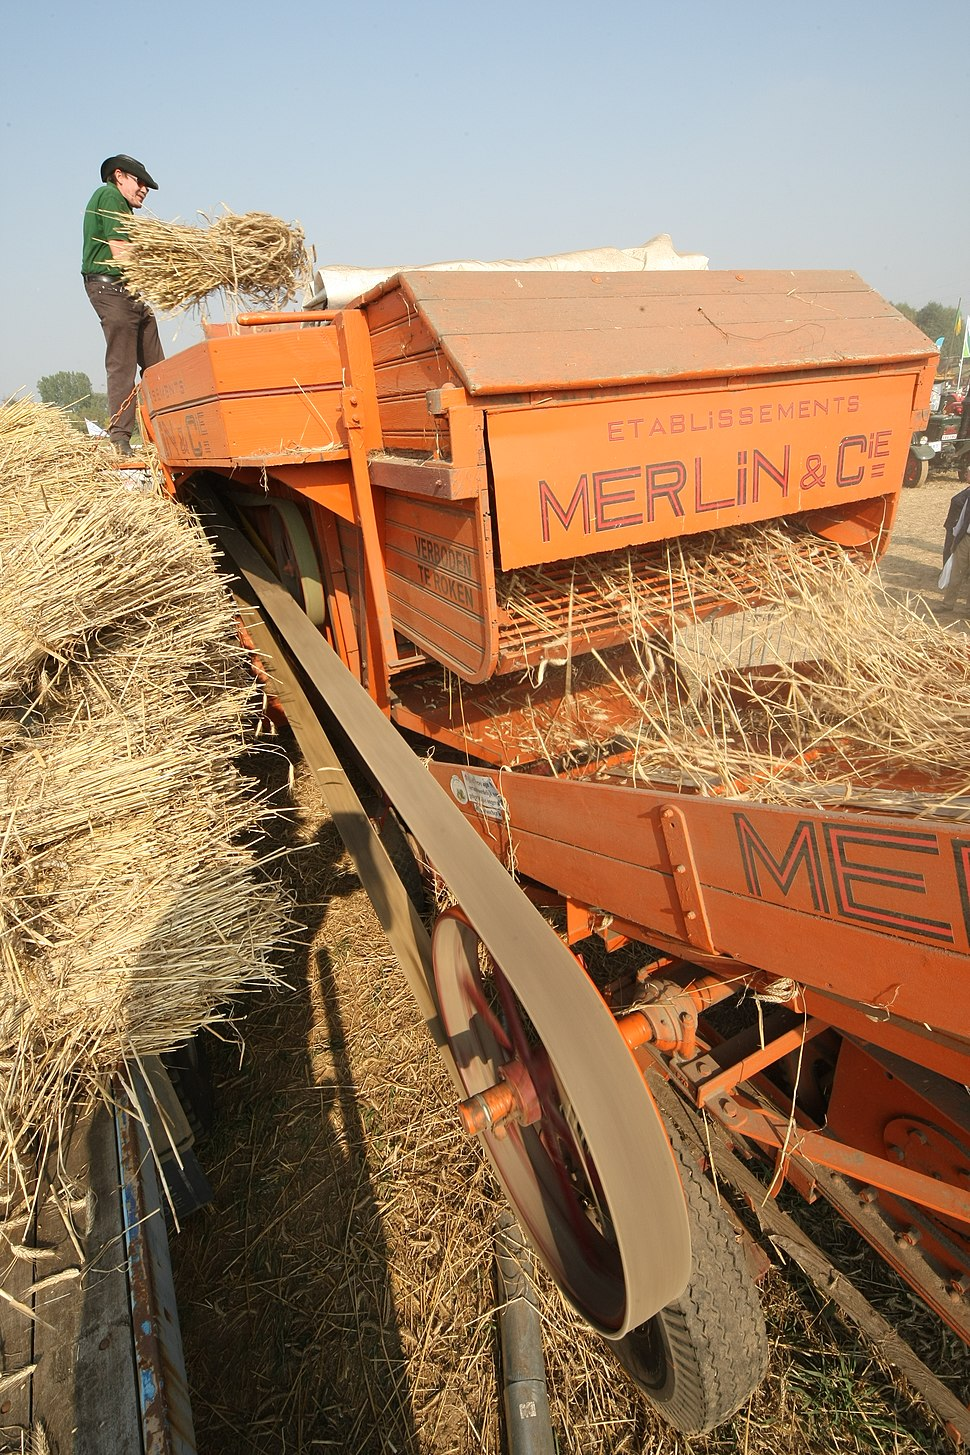 Merlin & Cie. threshing machine 2